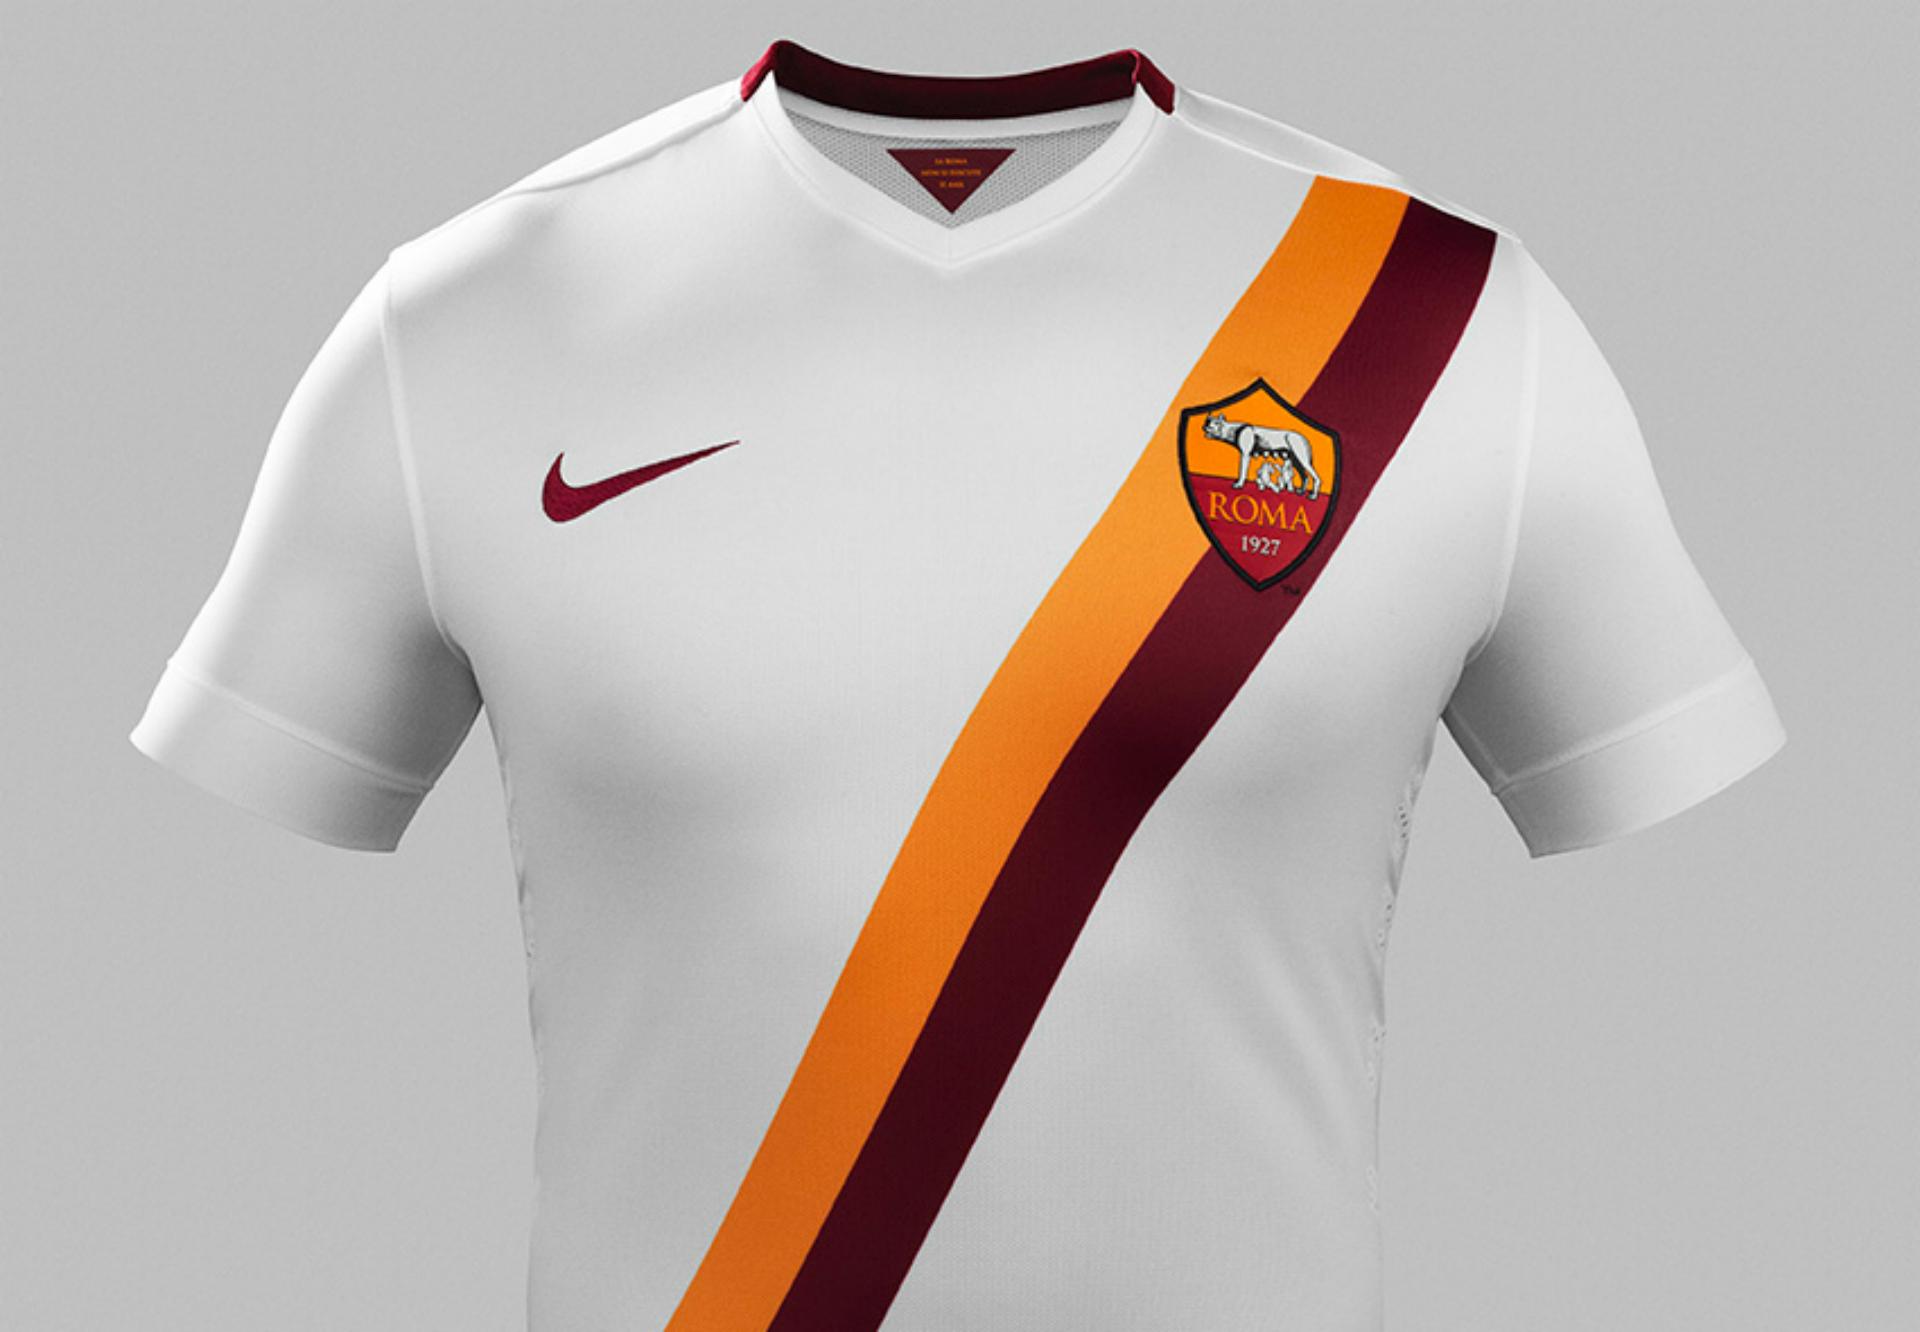 Ecco la nuova seconda maglia della Roma: bianca con strisce ...